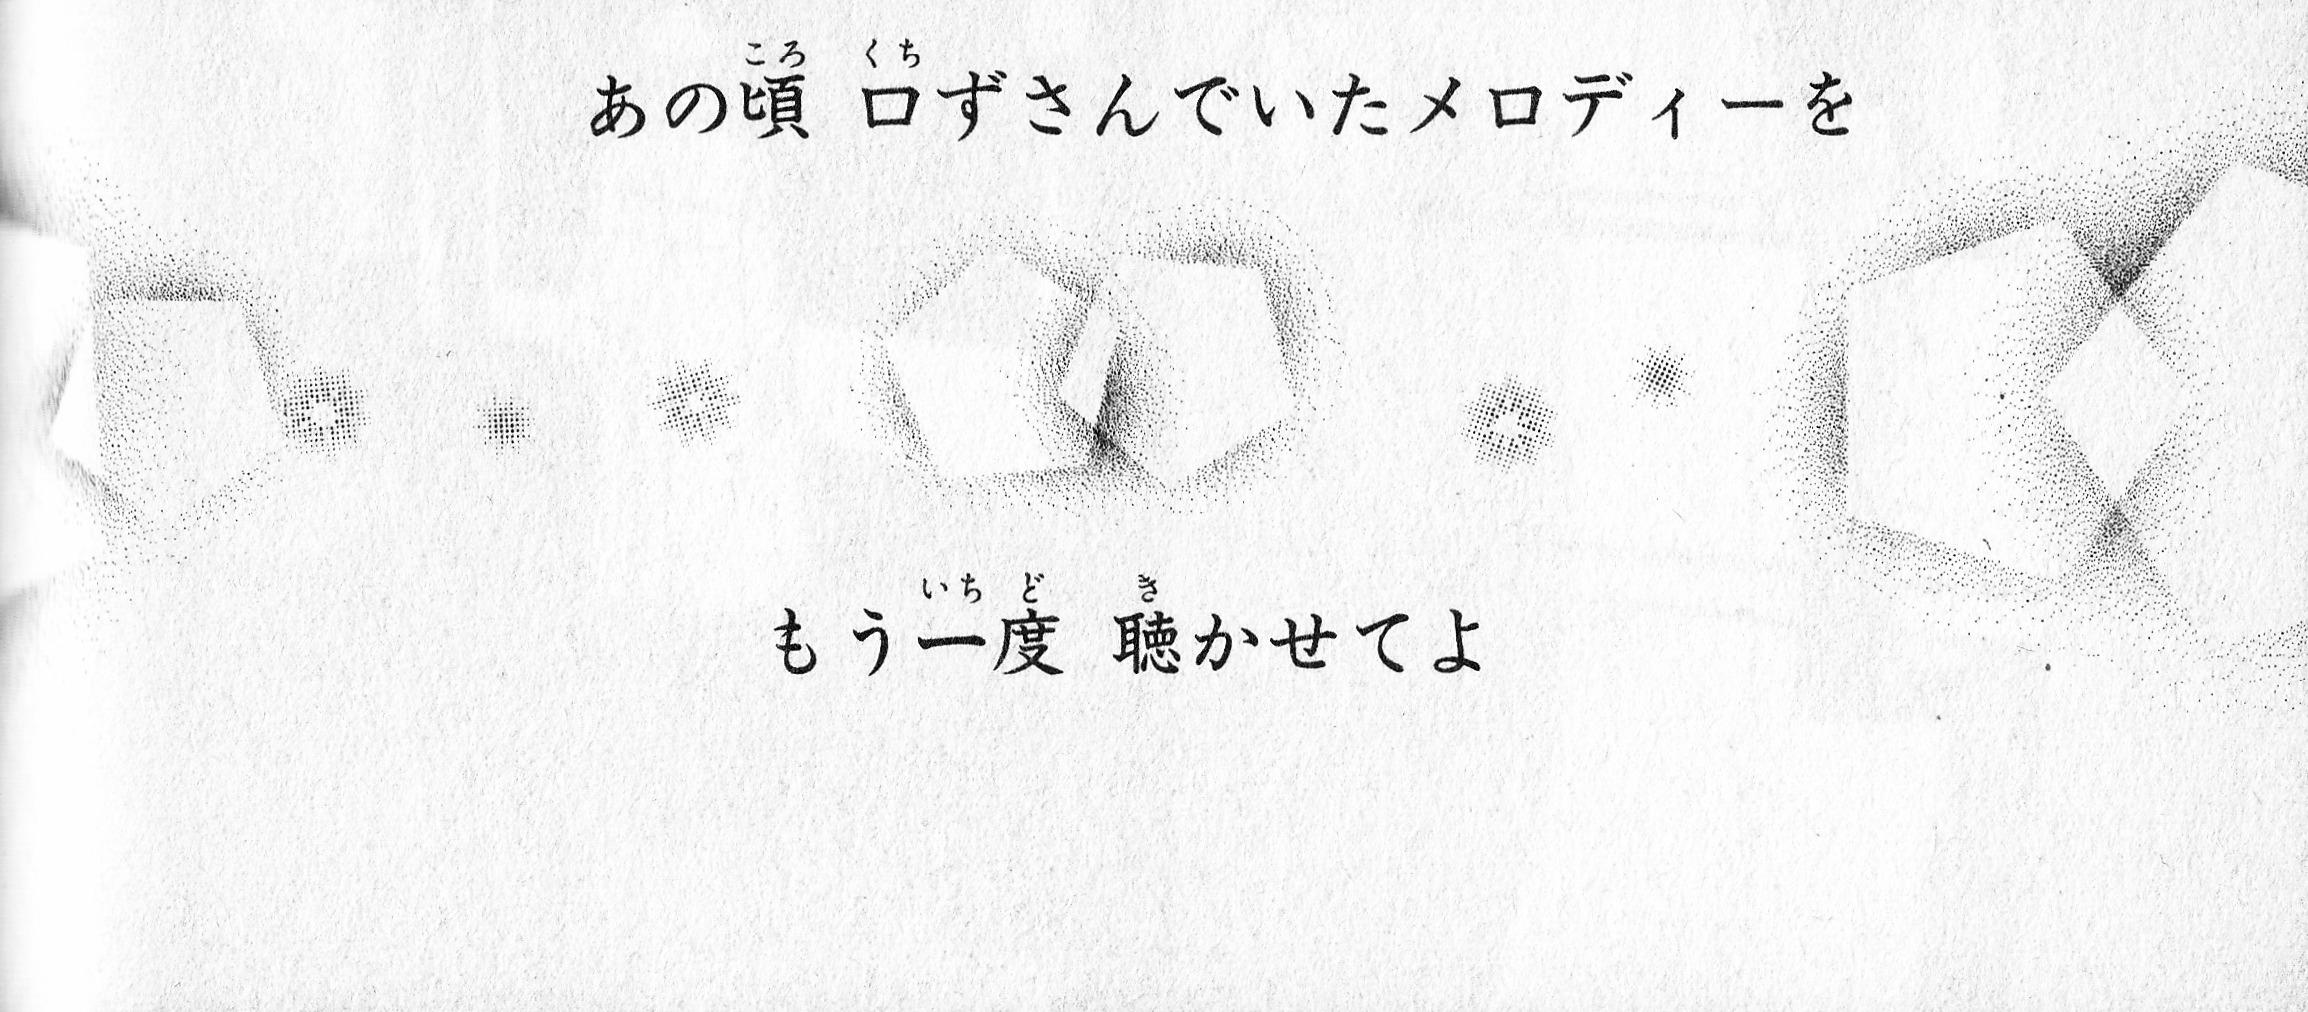 7_NANA_2巻.jpg